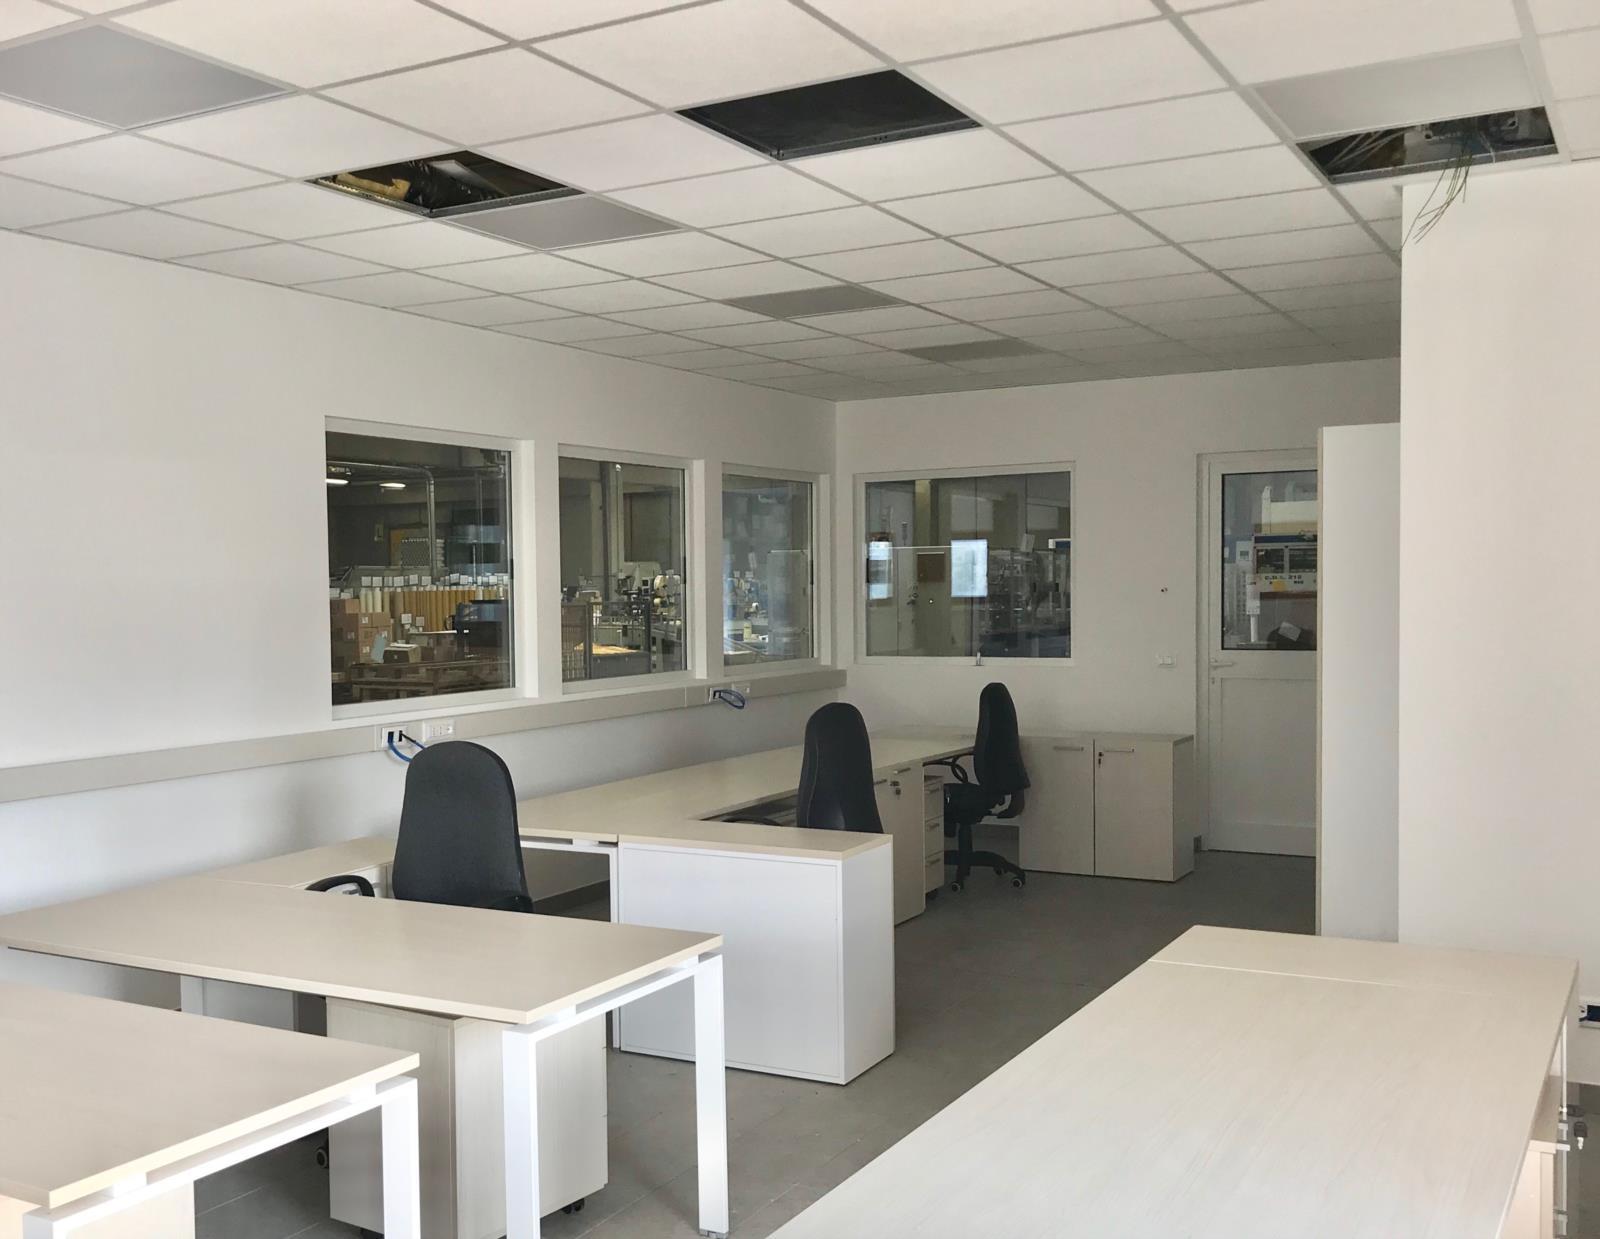 In Ufficio Tecnico : Ampliamento ufficio tecnico